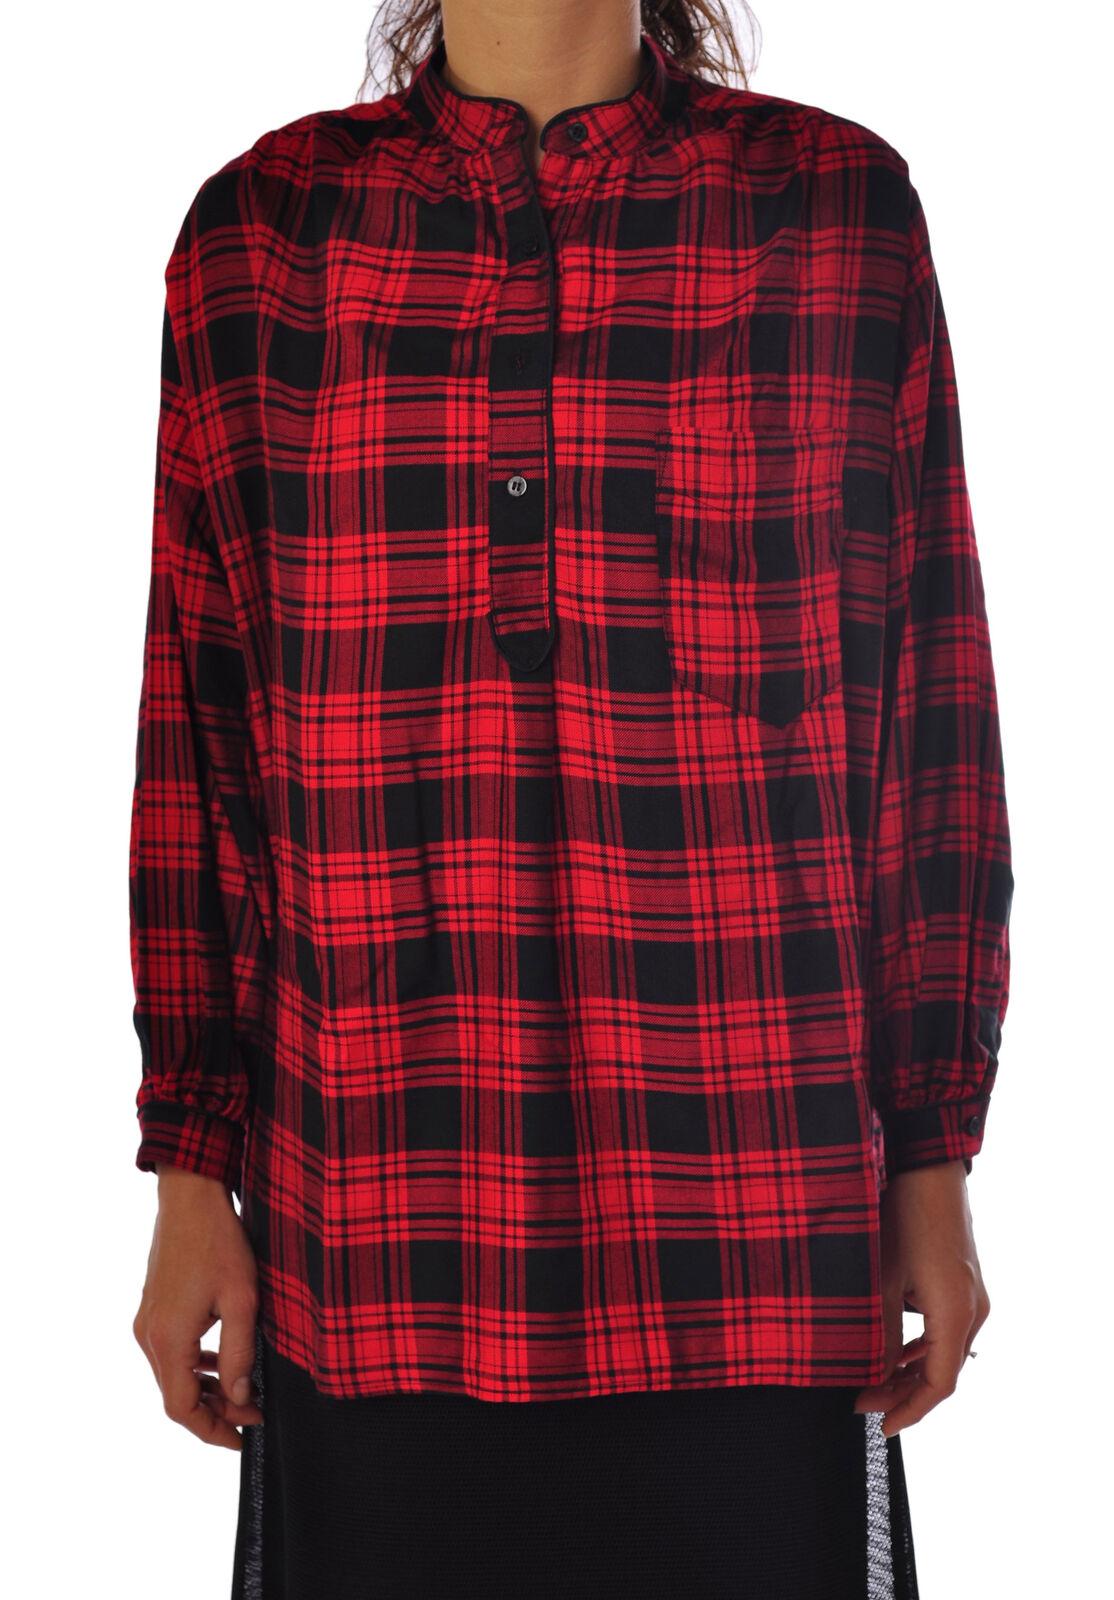 Mercì  -  Shirt - Female - Red - 1103410A184037